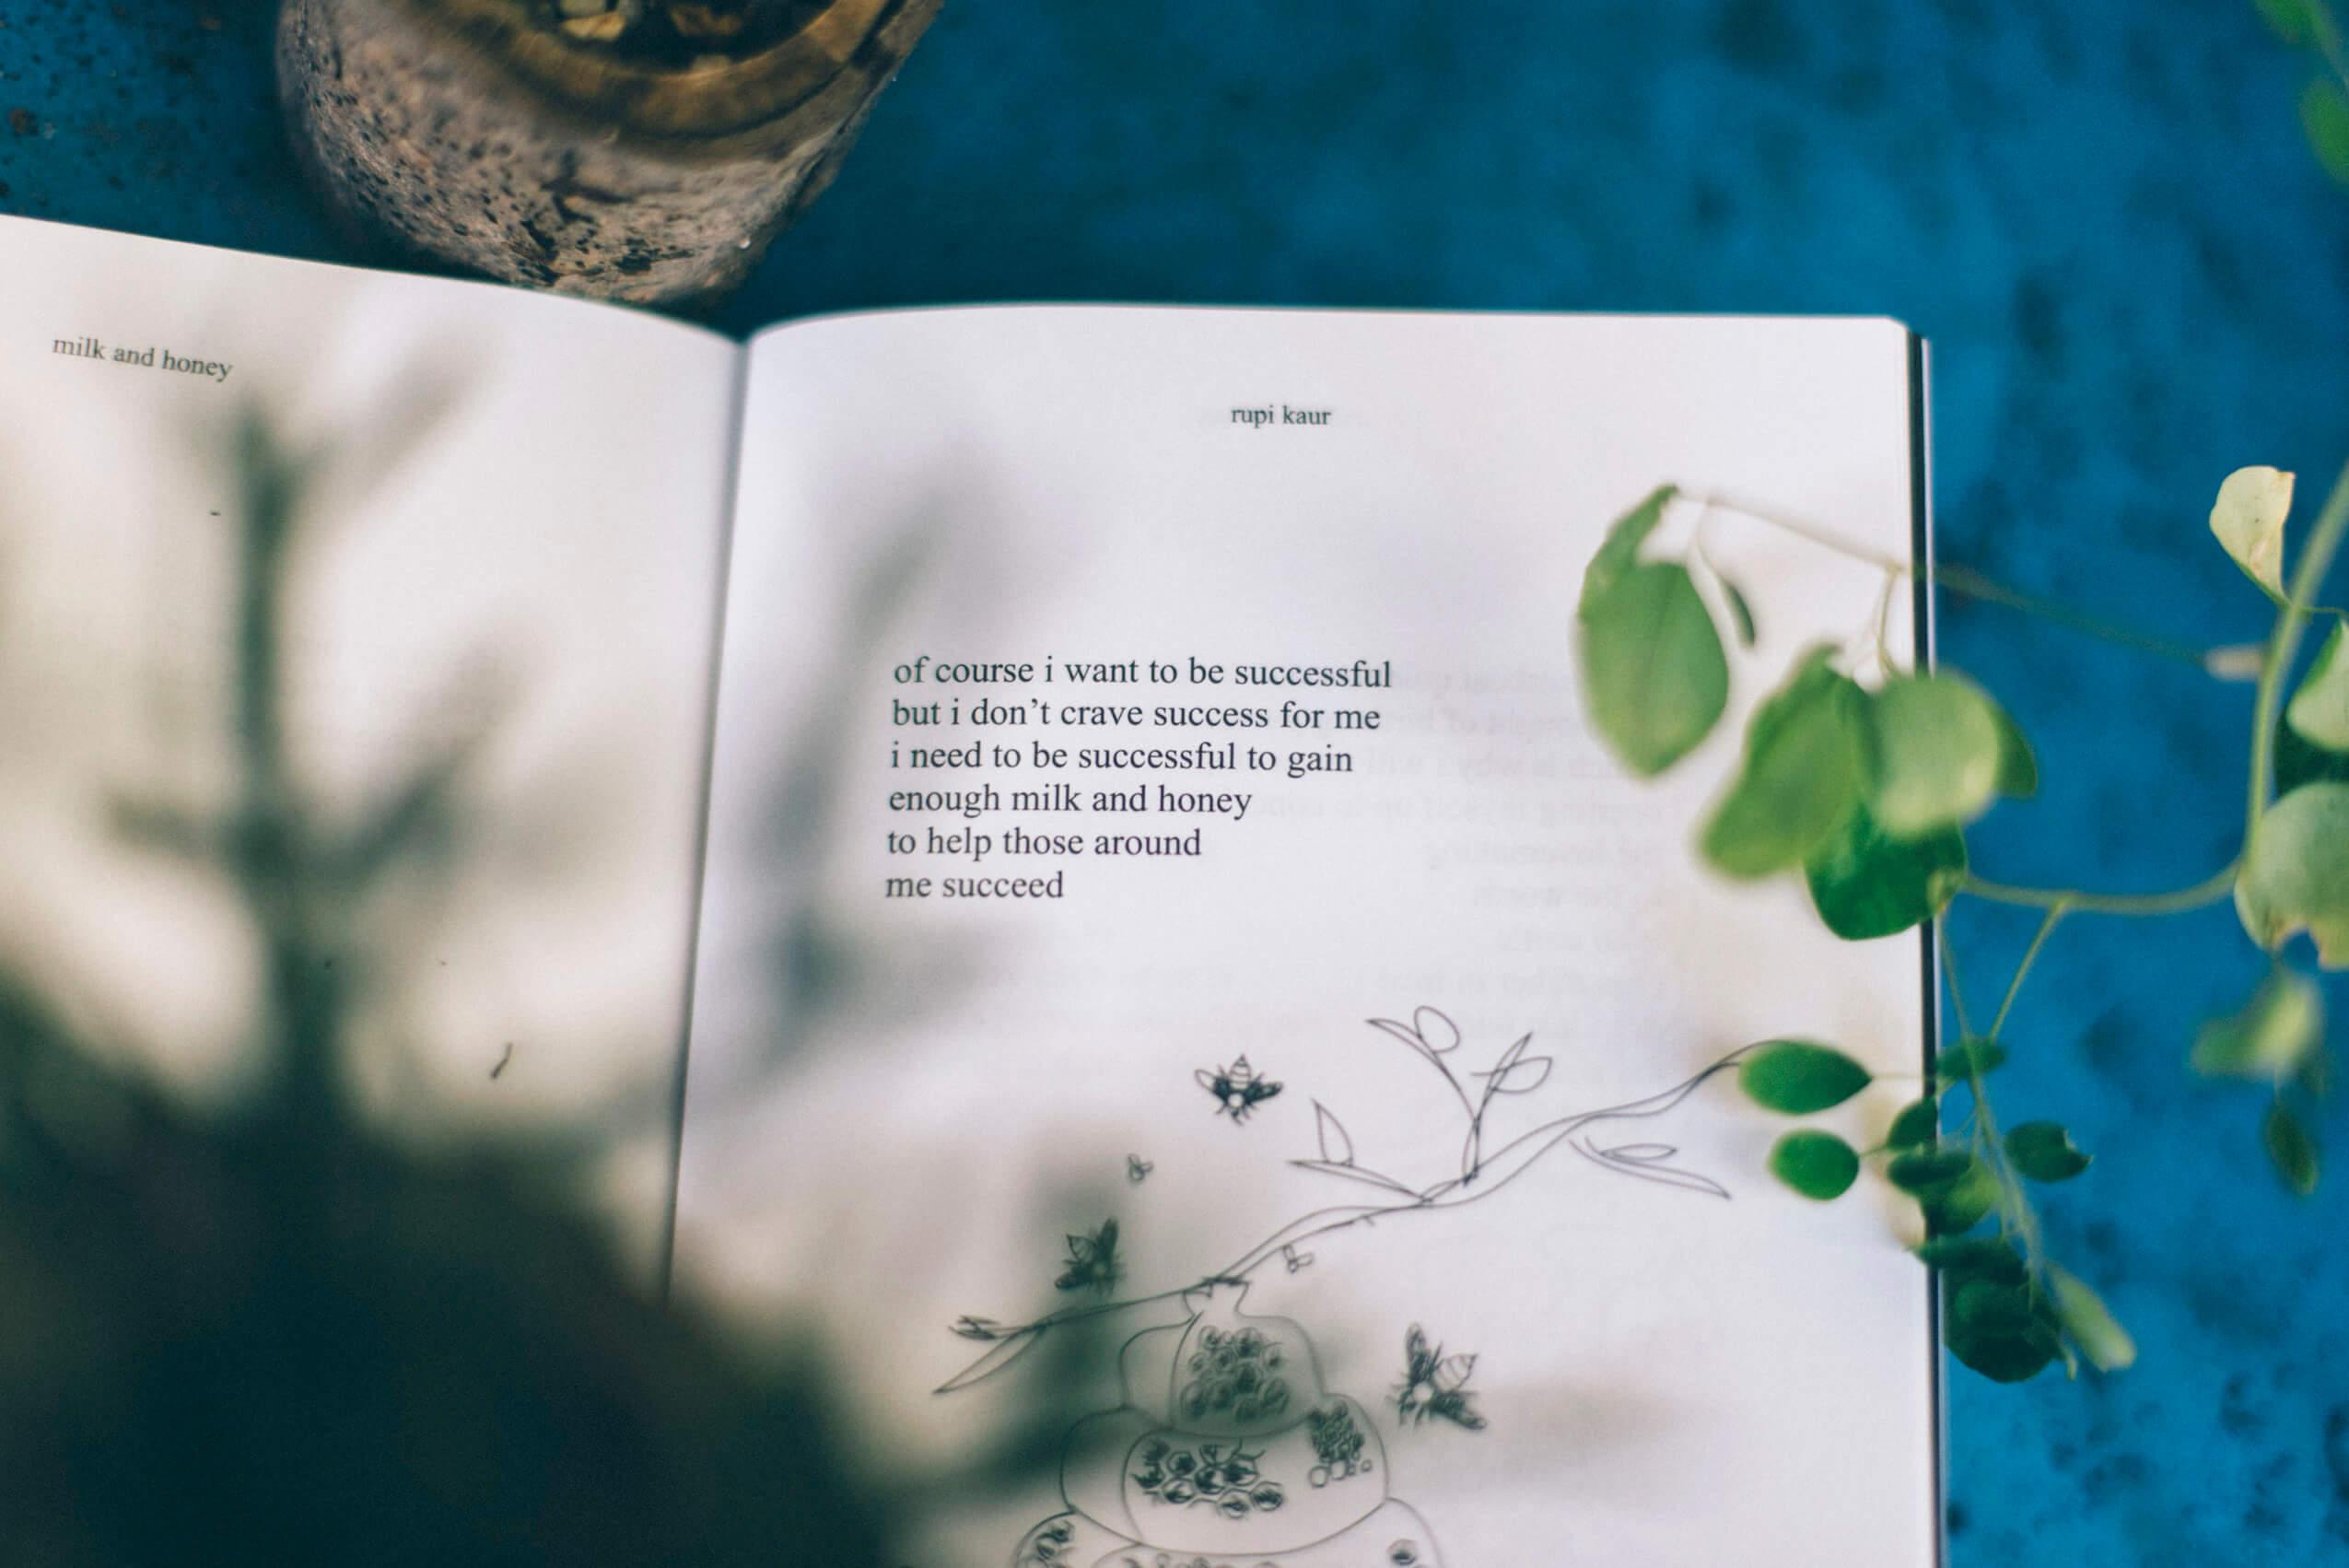 De Groene Leeslijst #3 – Tien Boeken Over Duurzaamheid Die Je Moet Lezen